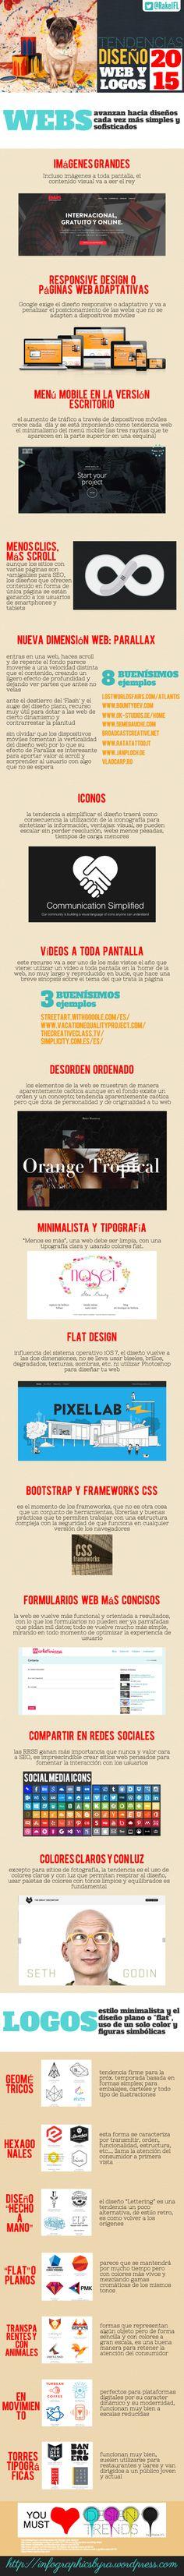 Una infografía con las Tendencias en diseño web y logos para 2015. >> Excelente!